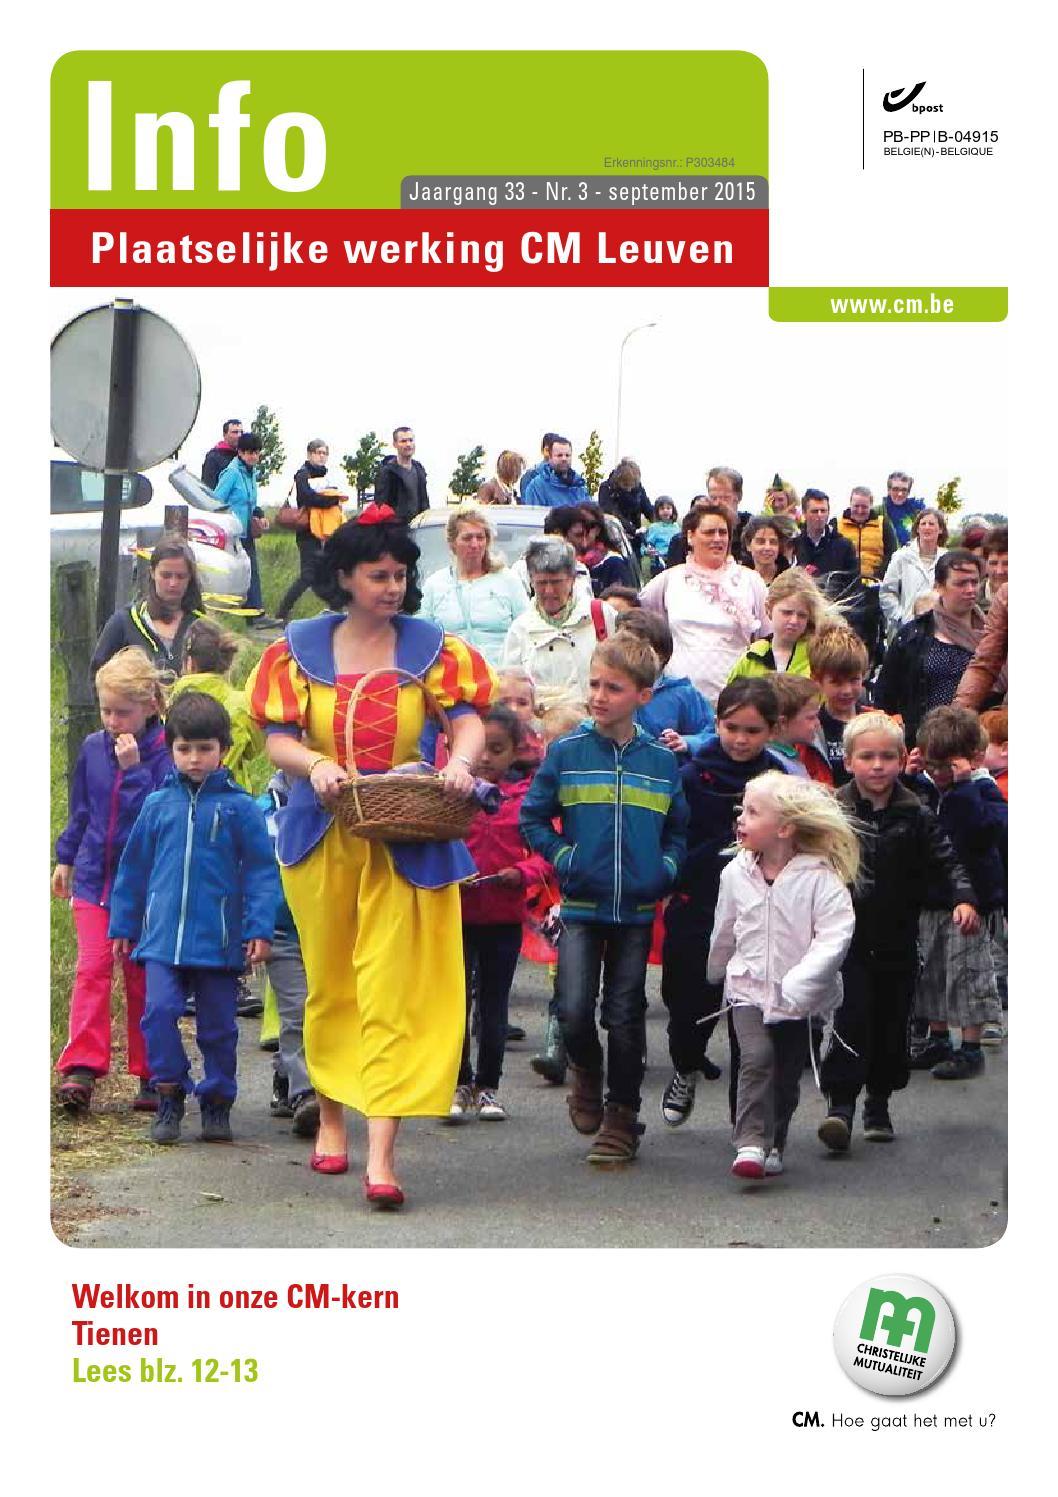 Info cm leuven september 2015 by CM Leuven - issuu